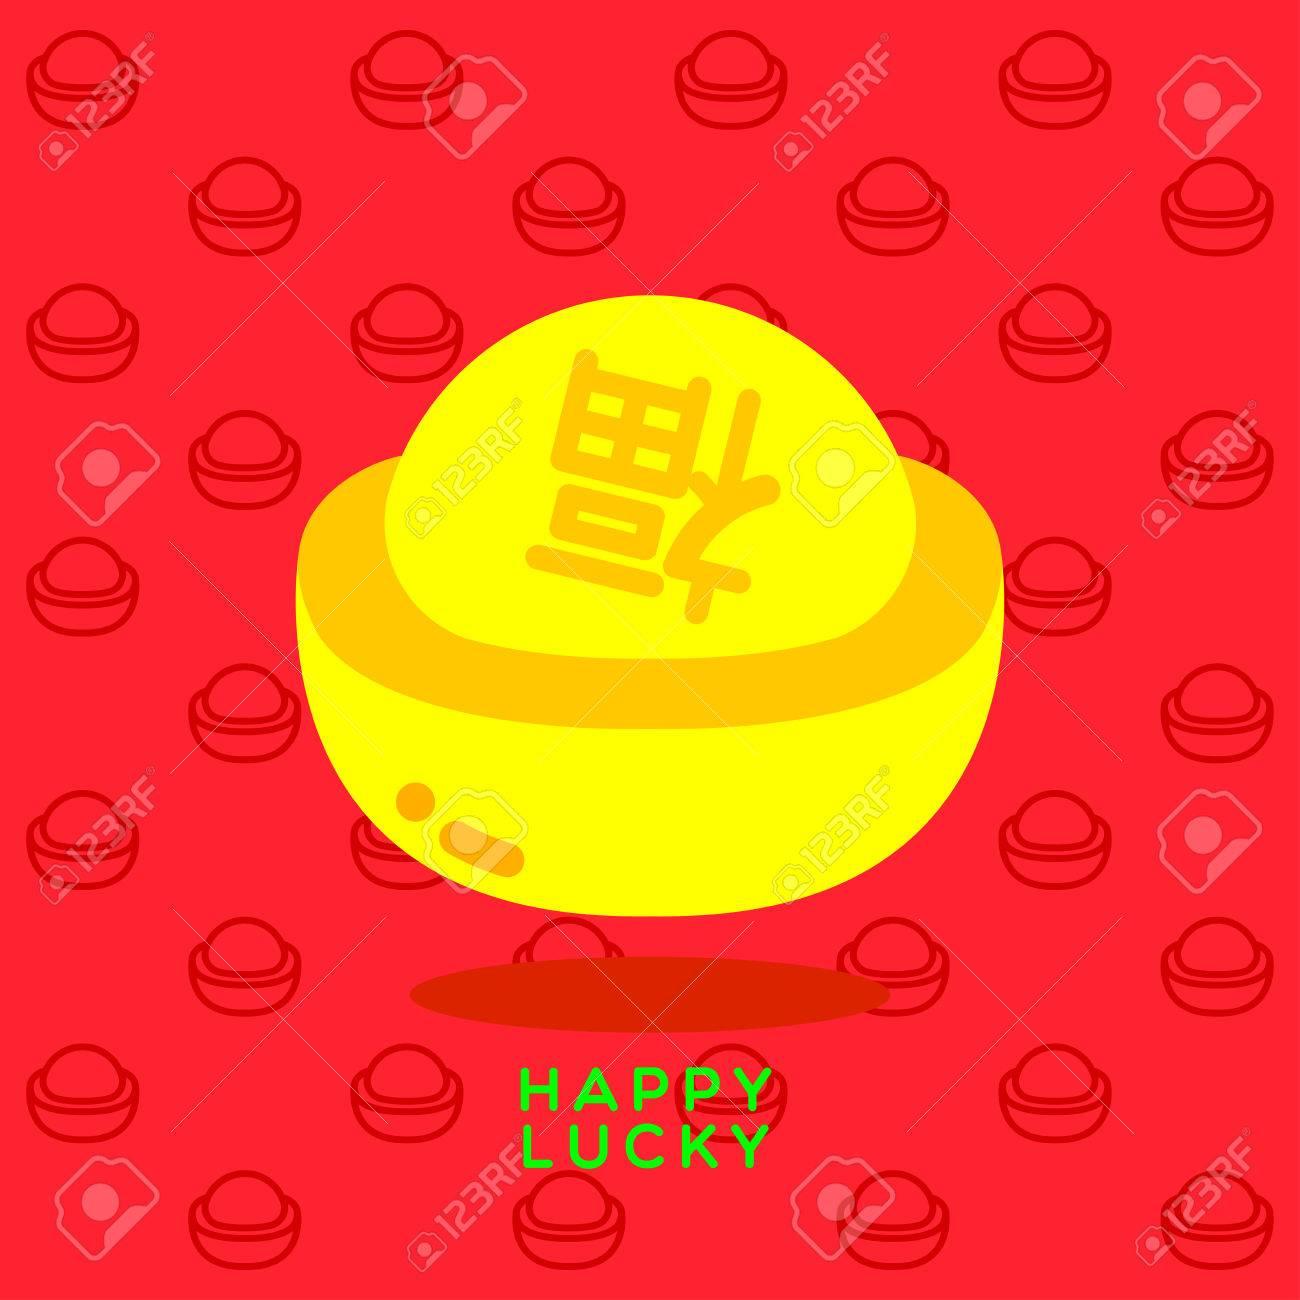 Gelbe Chinesische Gold Bar Mit ÒfuÓ Glück Wort Auf Rotem Hintergrund ...